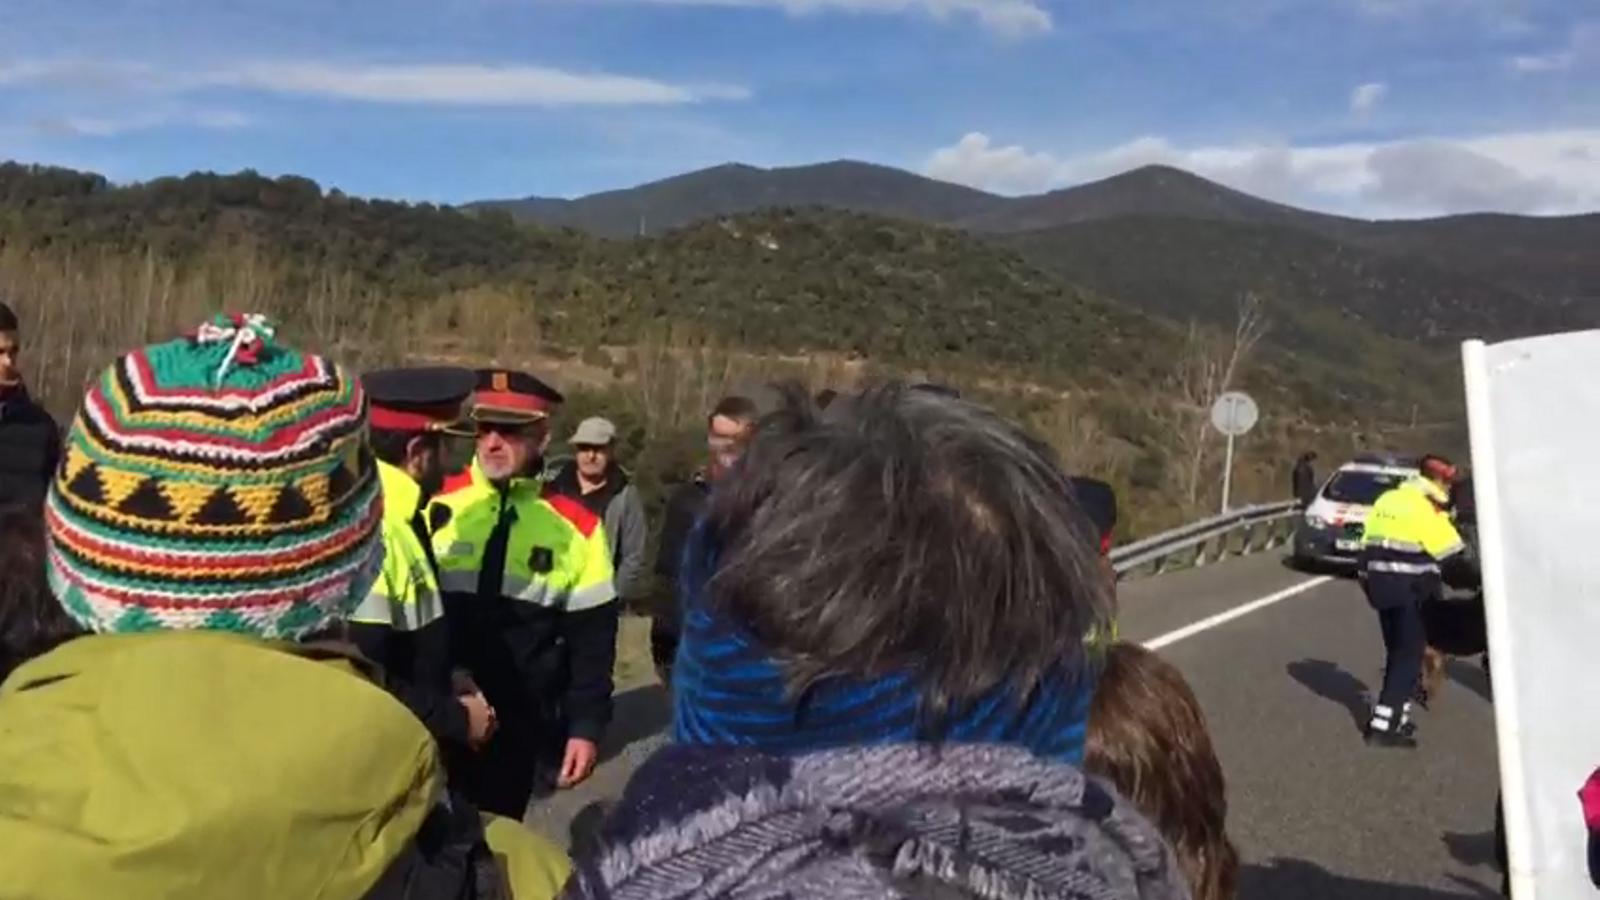 Vídeo de com s'acorda amb els Mossos d'Esquadra l'obertura puntual del trànsit a l'N-145. / L. M.